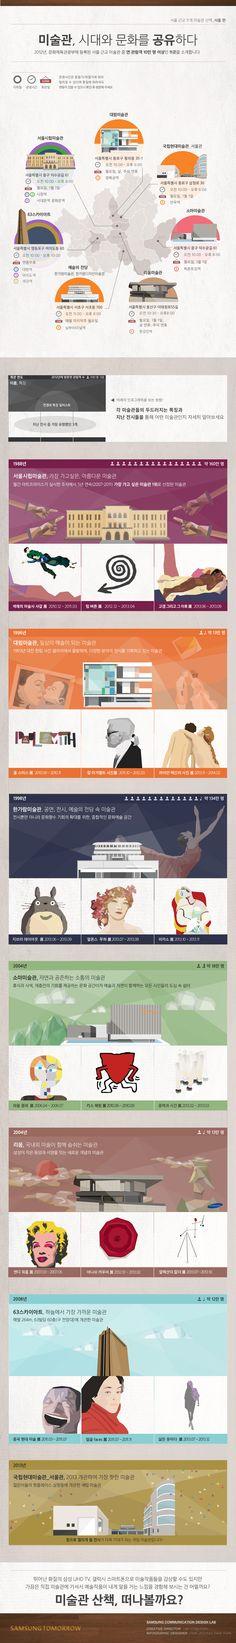 [Infographic] 서울, 산책하기 좋은 미술관에 관한 인포그래픽